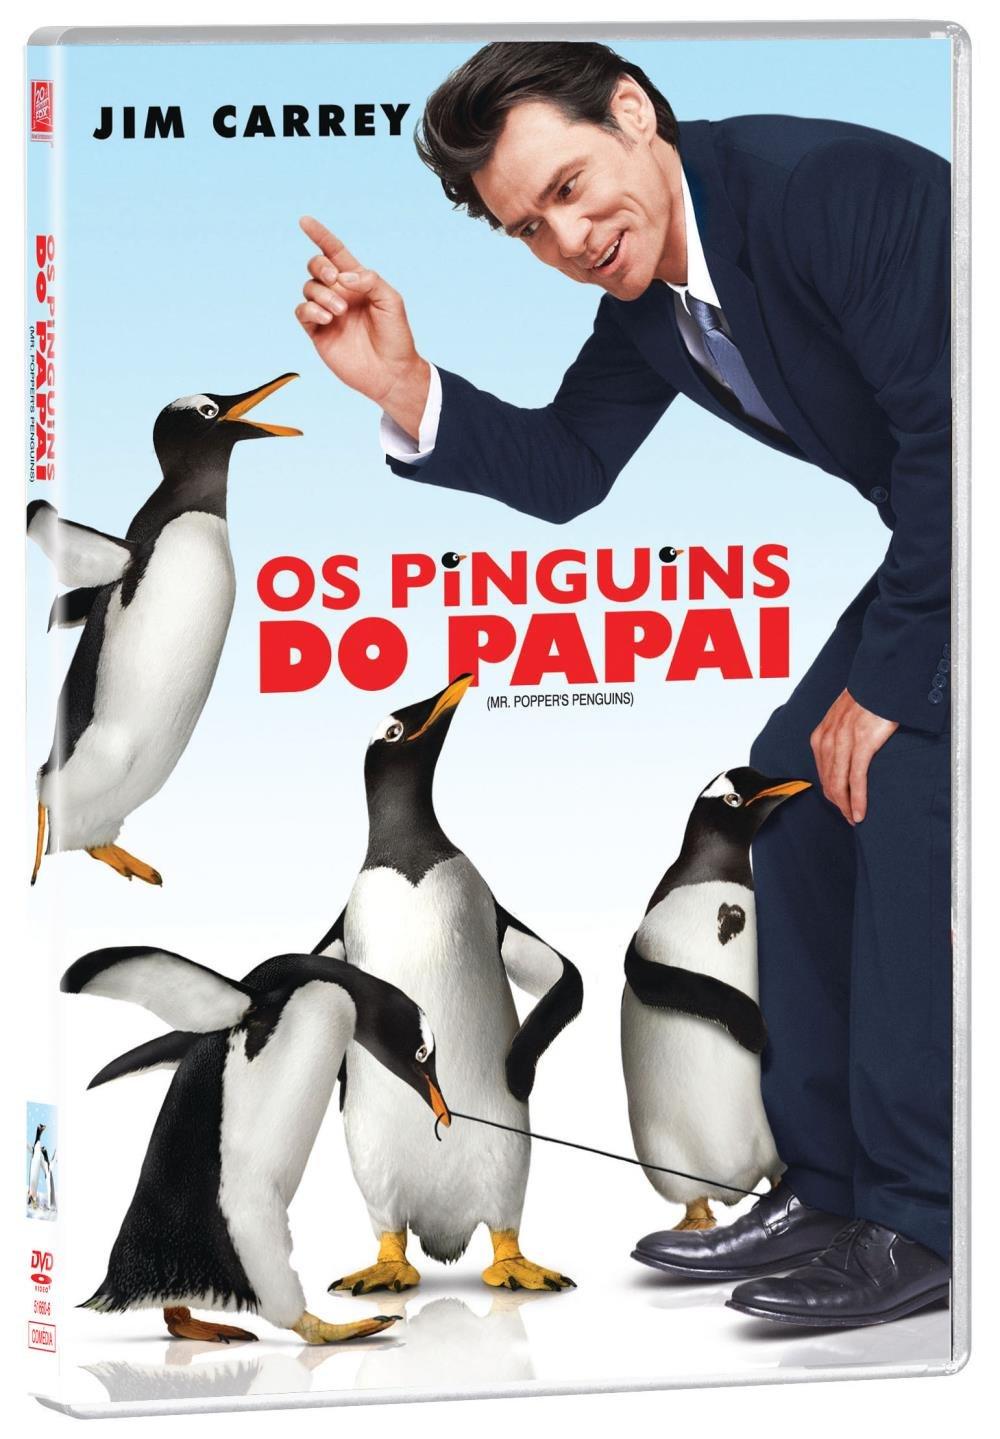 Os Pinguins do Papai - DVD - Saraiva